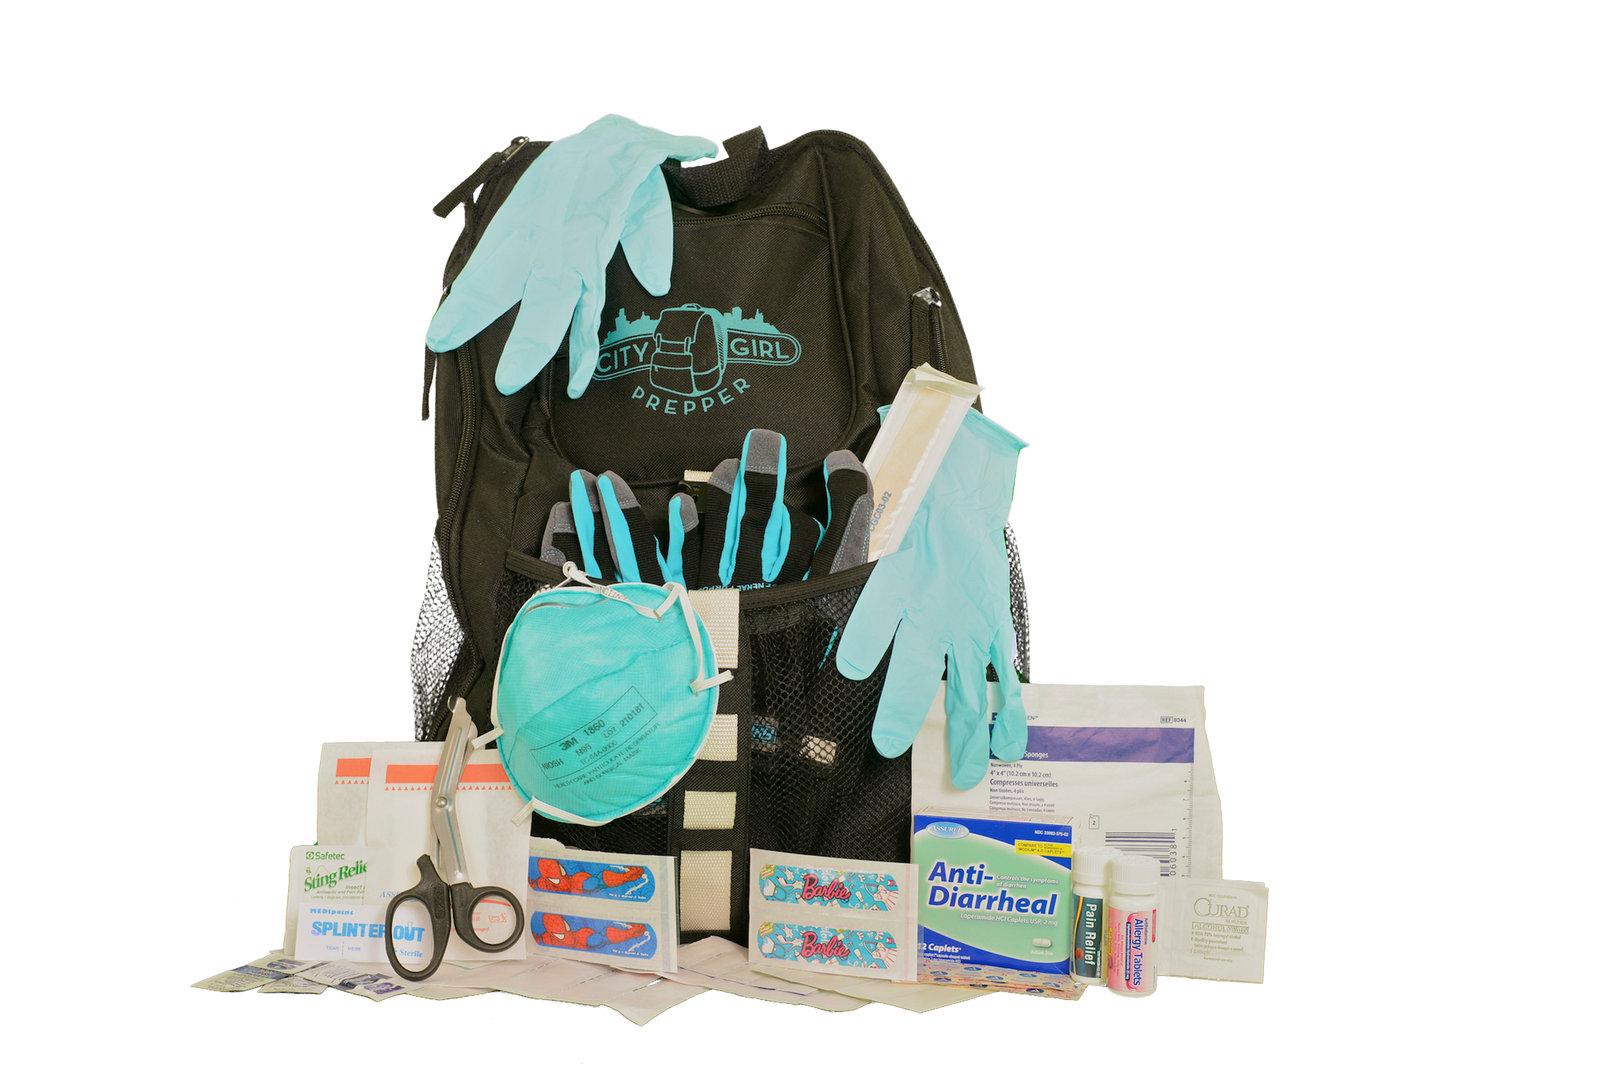 City Girl Prepper 72-Hour Survival Backpack for Women